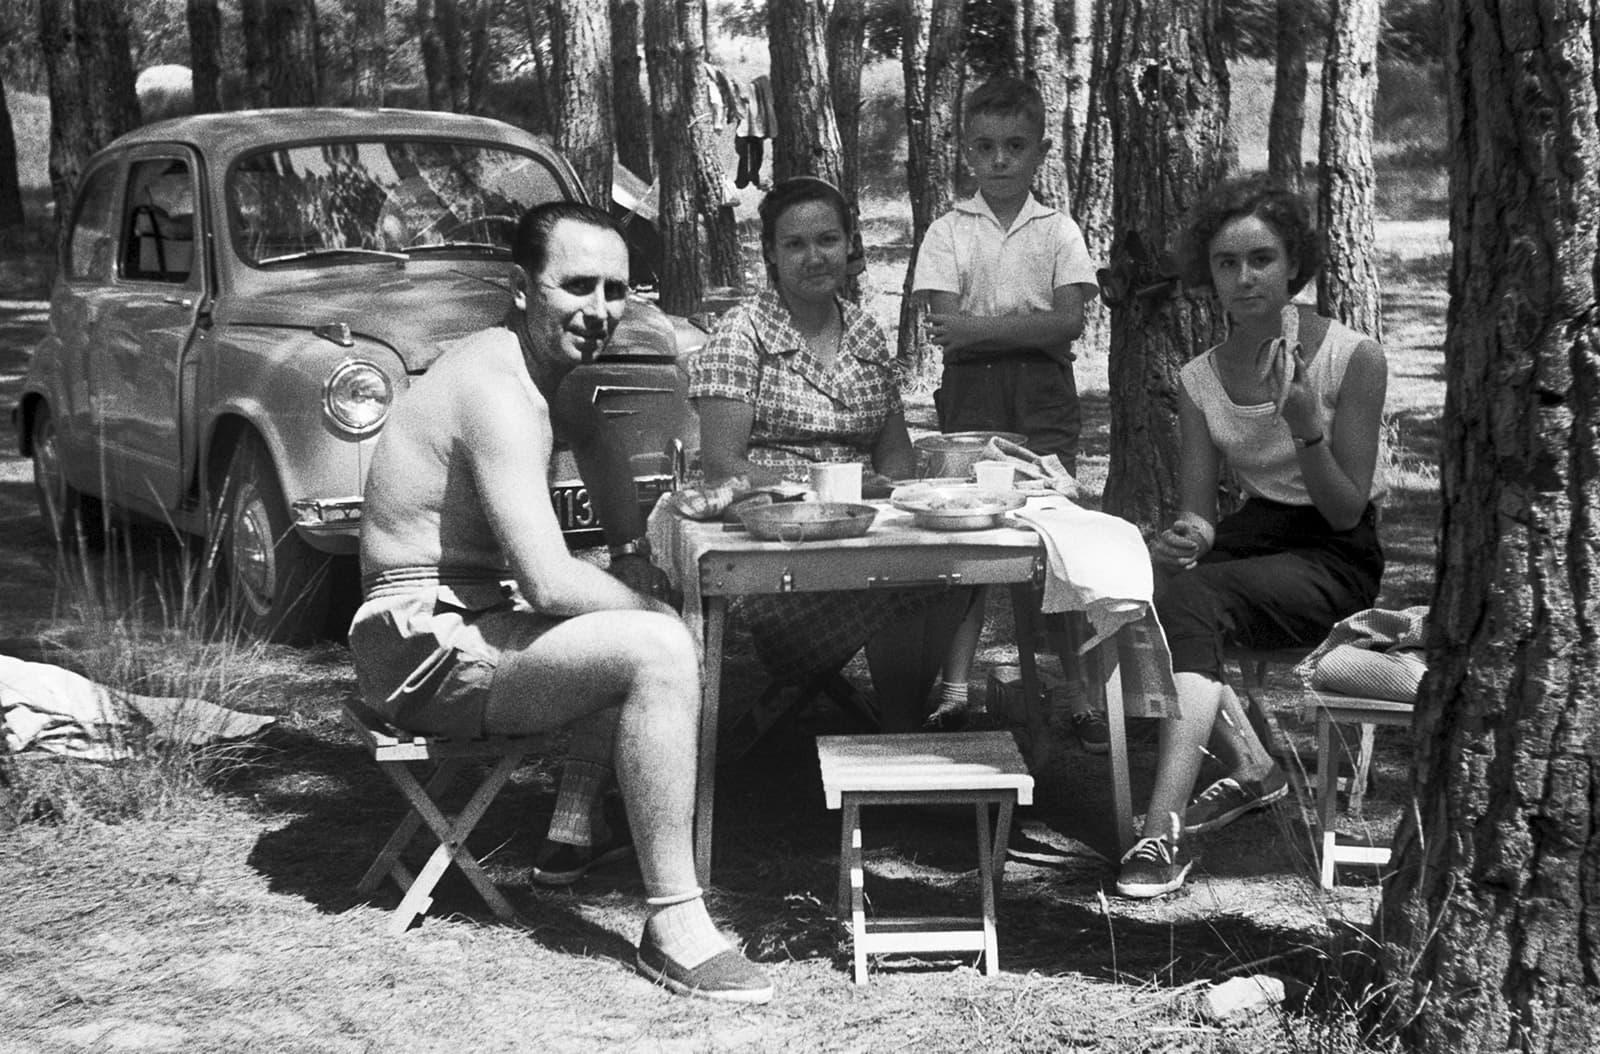 Imatge d'un dinar a la muntanya a finals del anys 60. Fotografia cedida per Seat